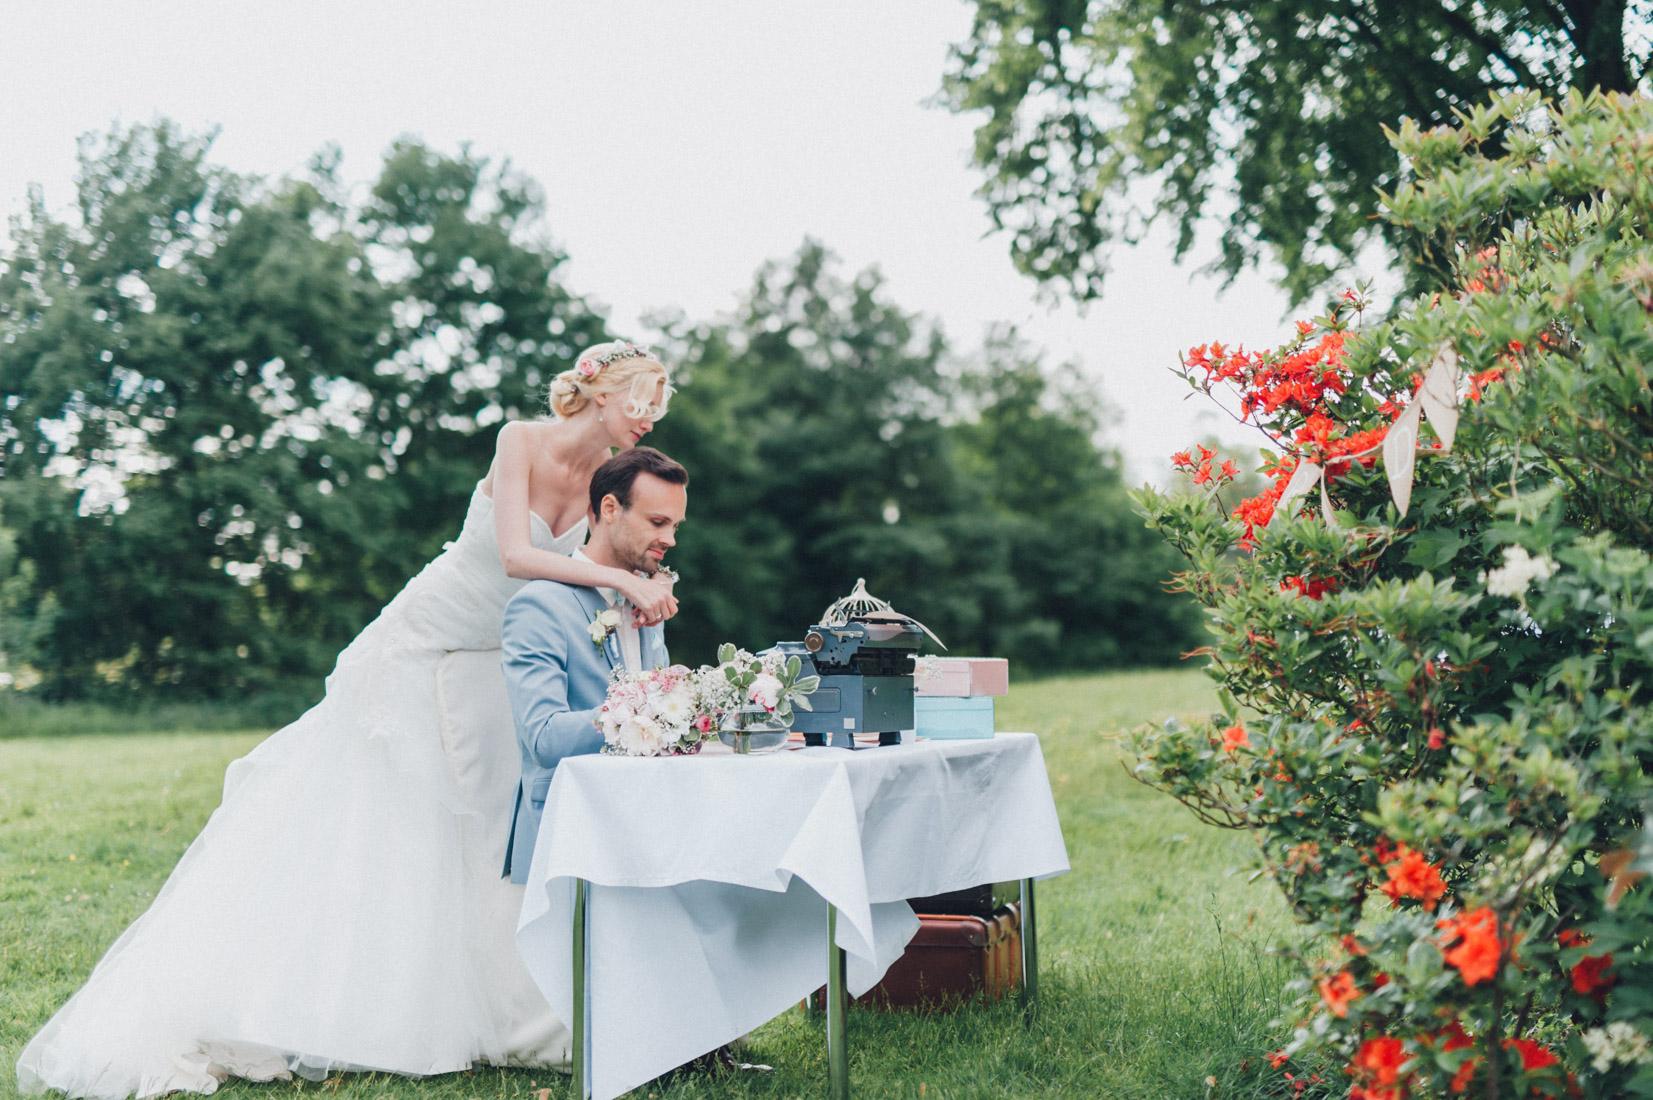 pastel-vintage-hertefeld-167 hochzeitsfotograf schloss hertefeldGalina & Robert DIY Pastel Vintage Hochzeit auf Schloss Hertefeldpastel vintage hertefeld 167